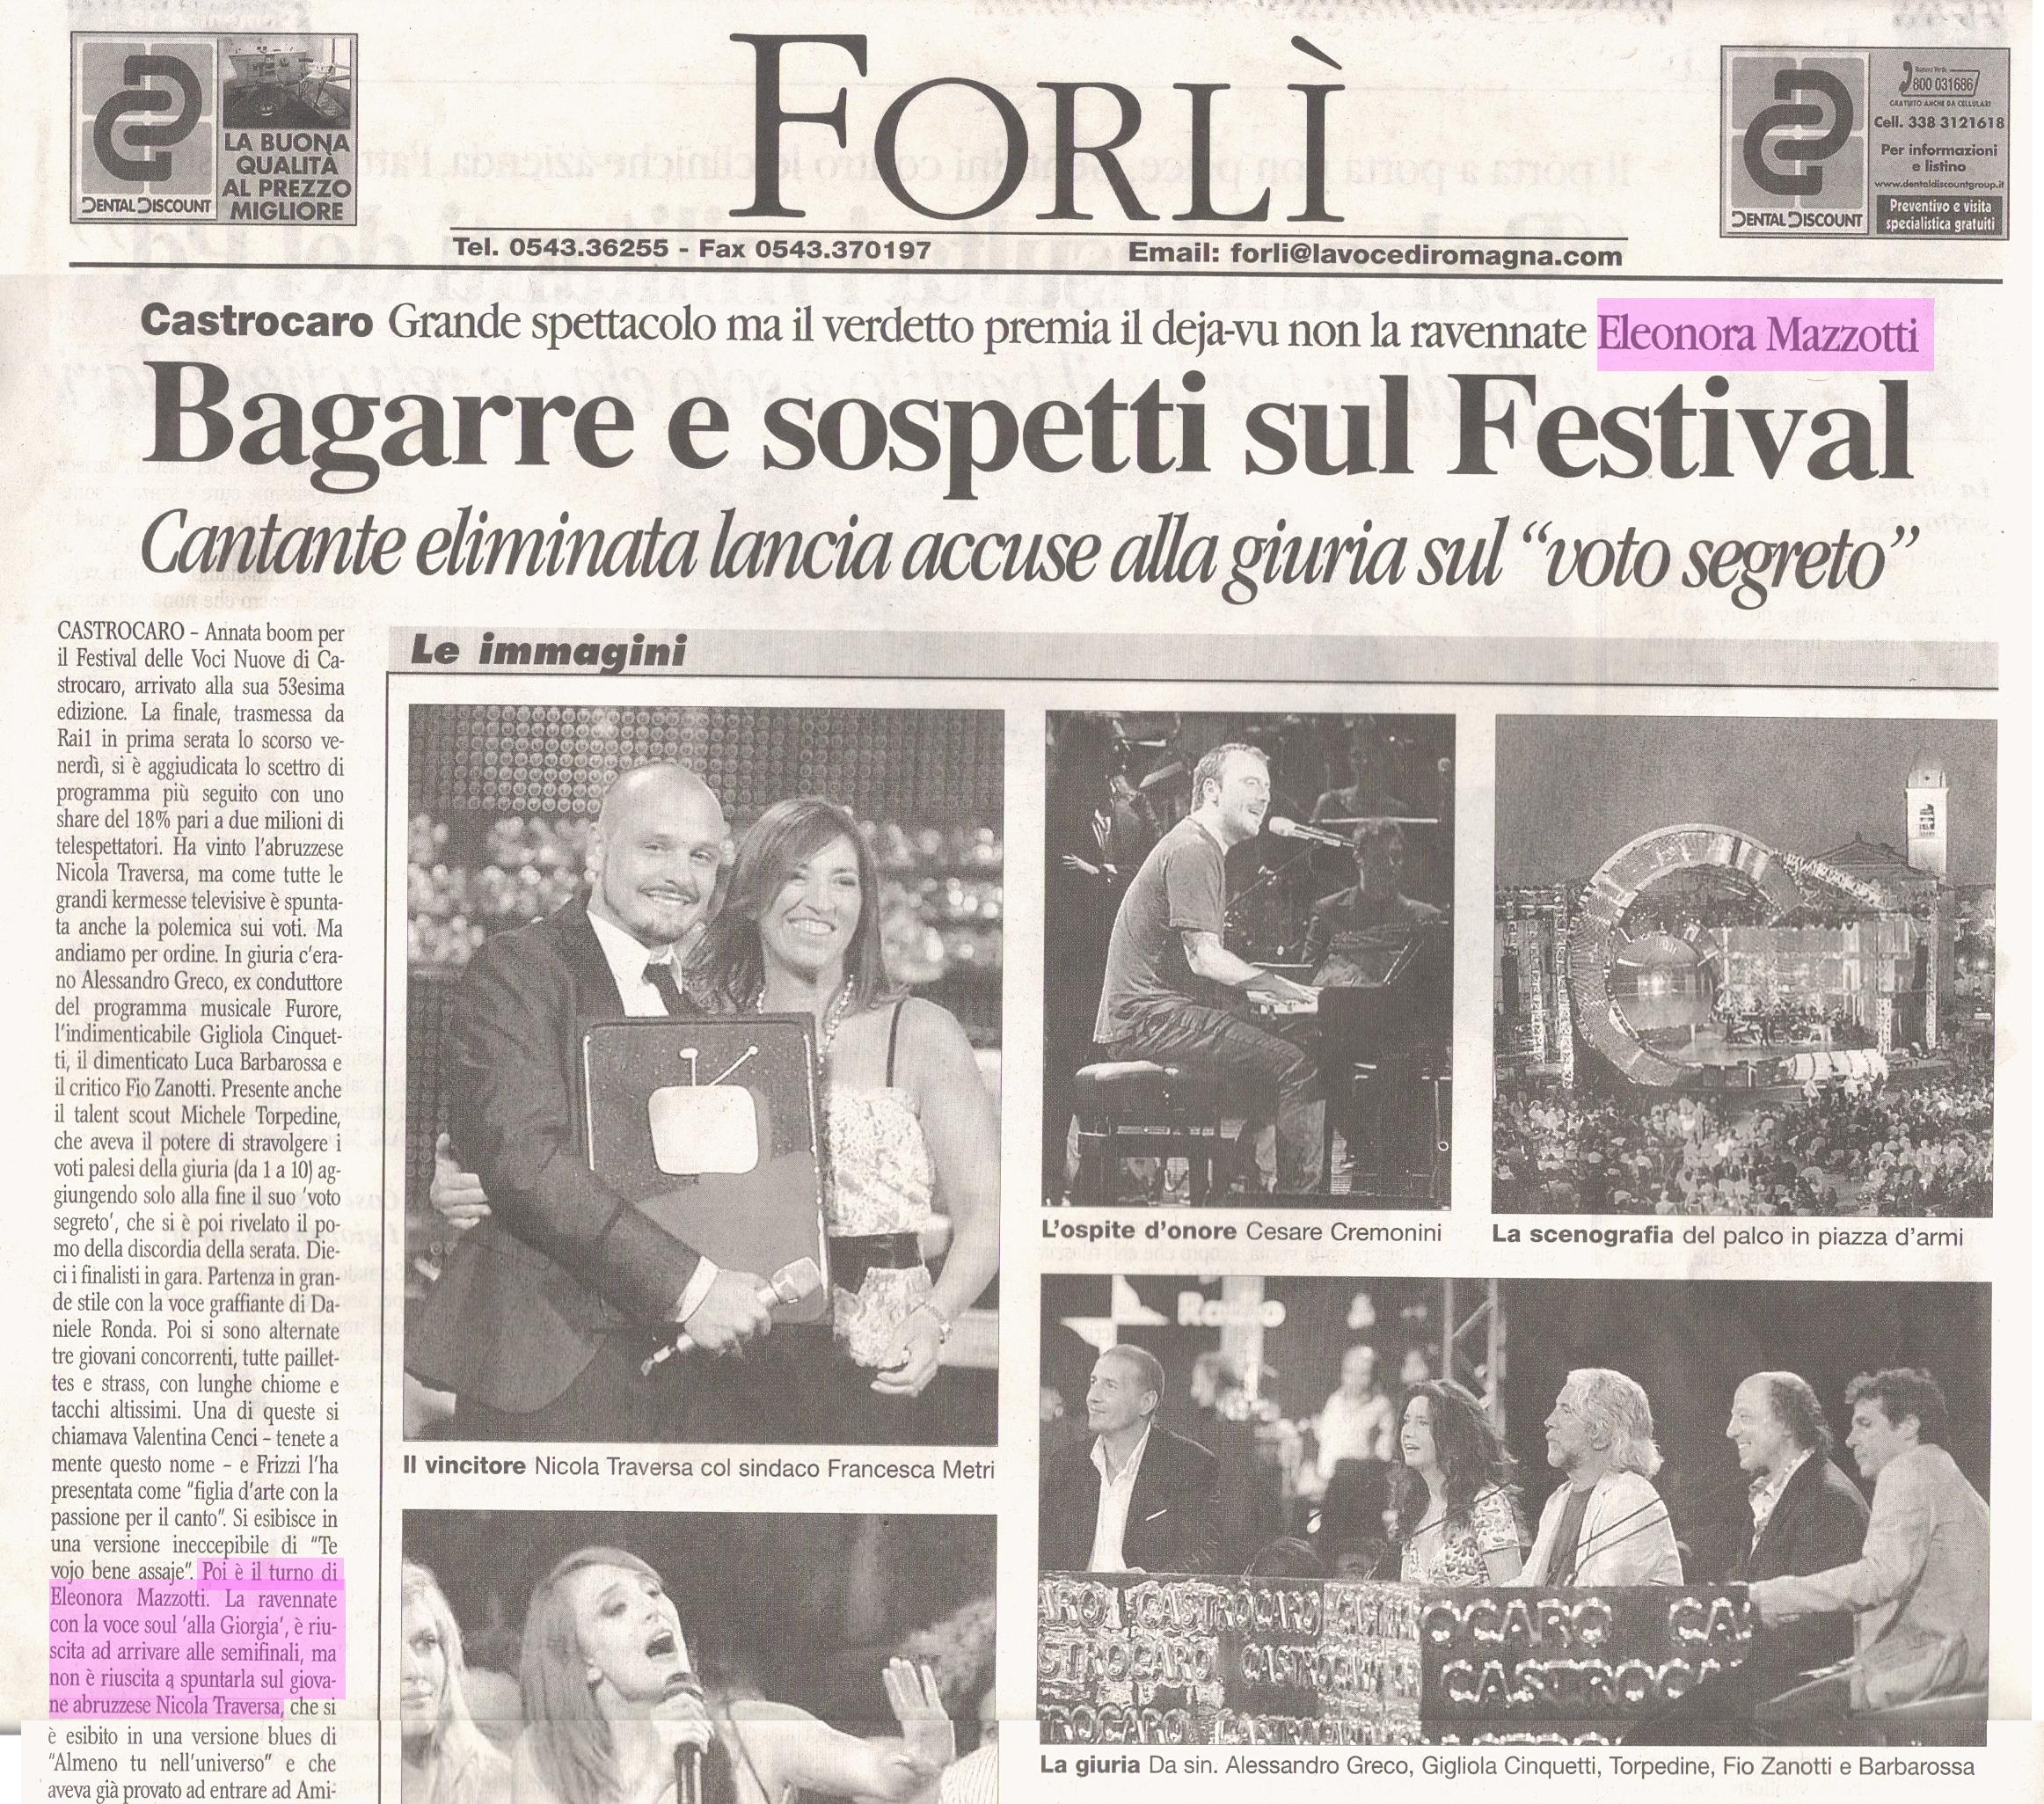 La Voce di Romagna, Fc, 18_07_2010 pag 1